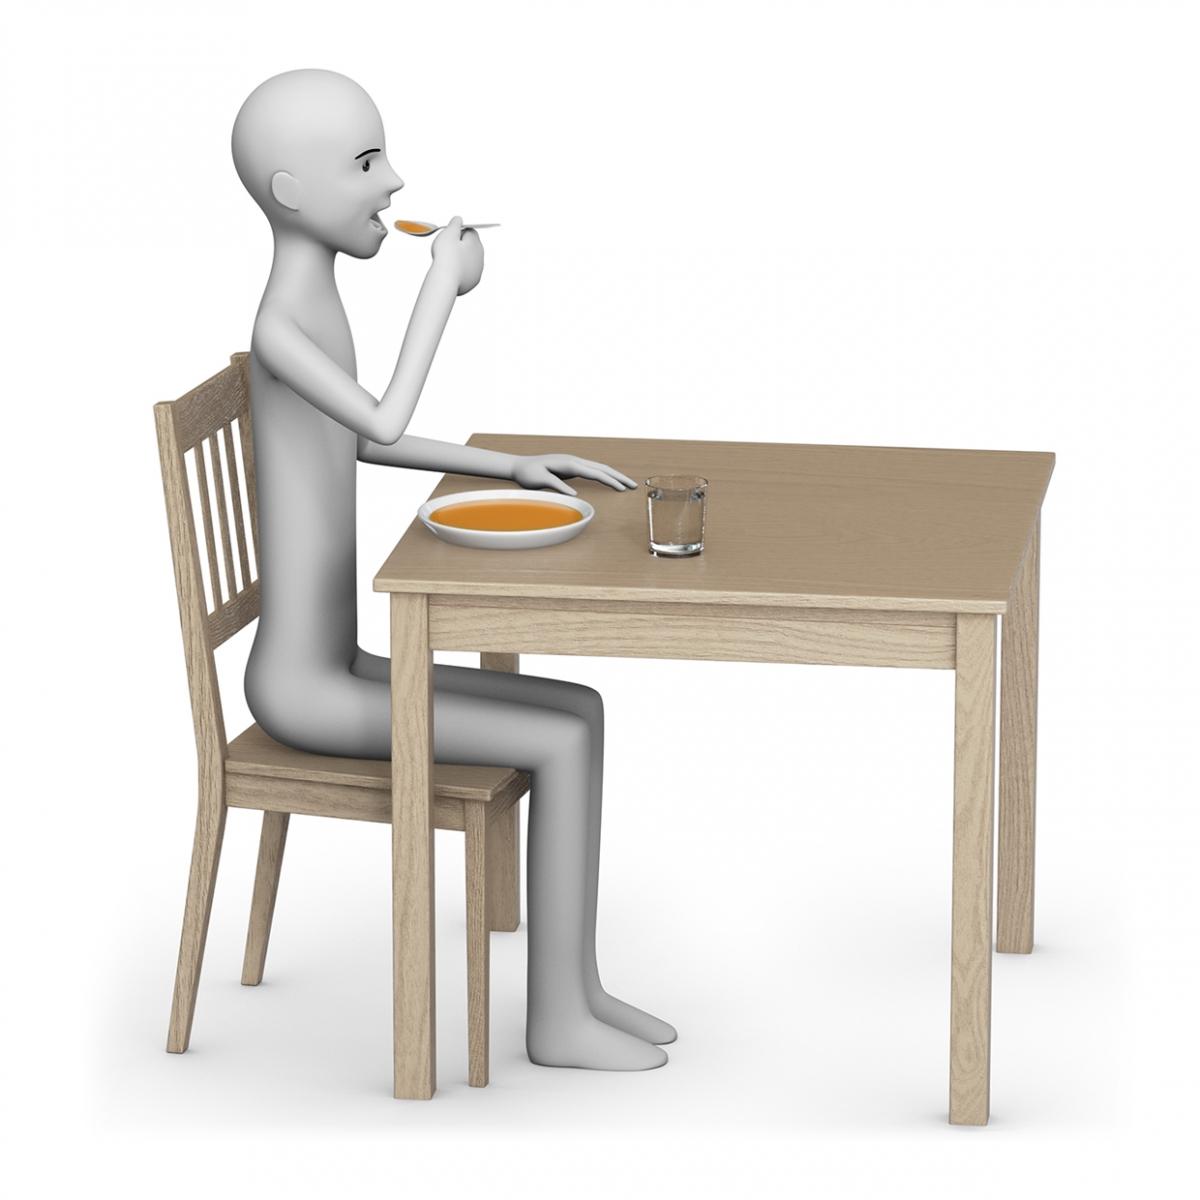 Una persona come sentada en una mesa